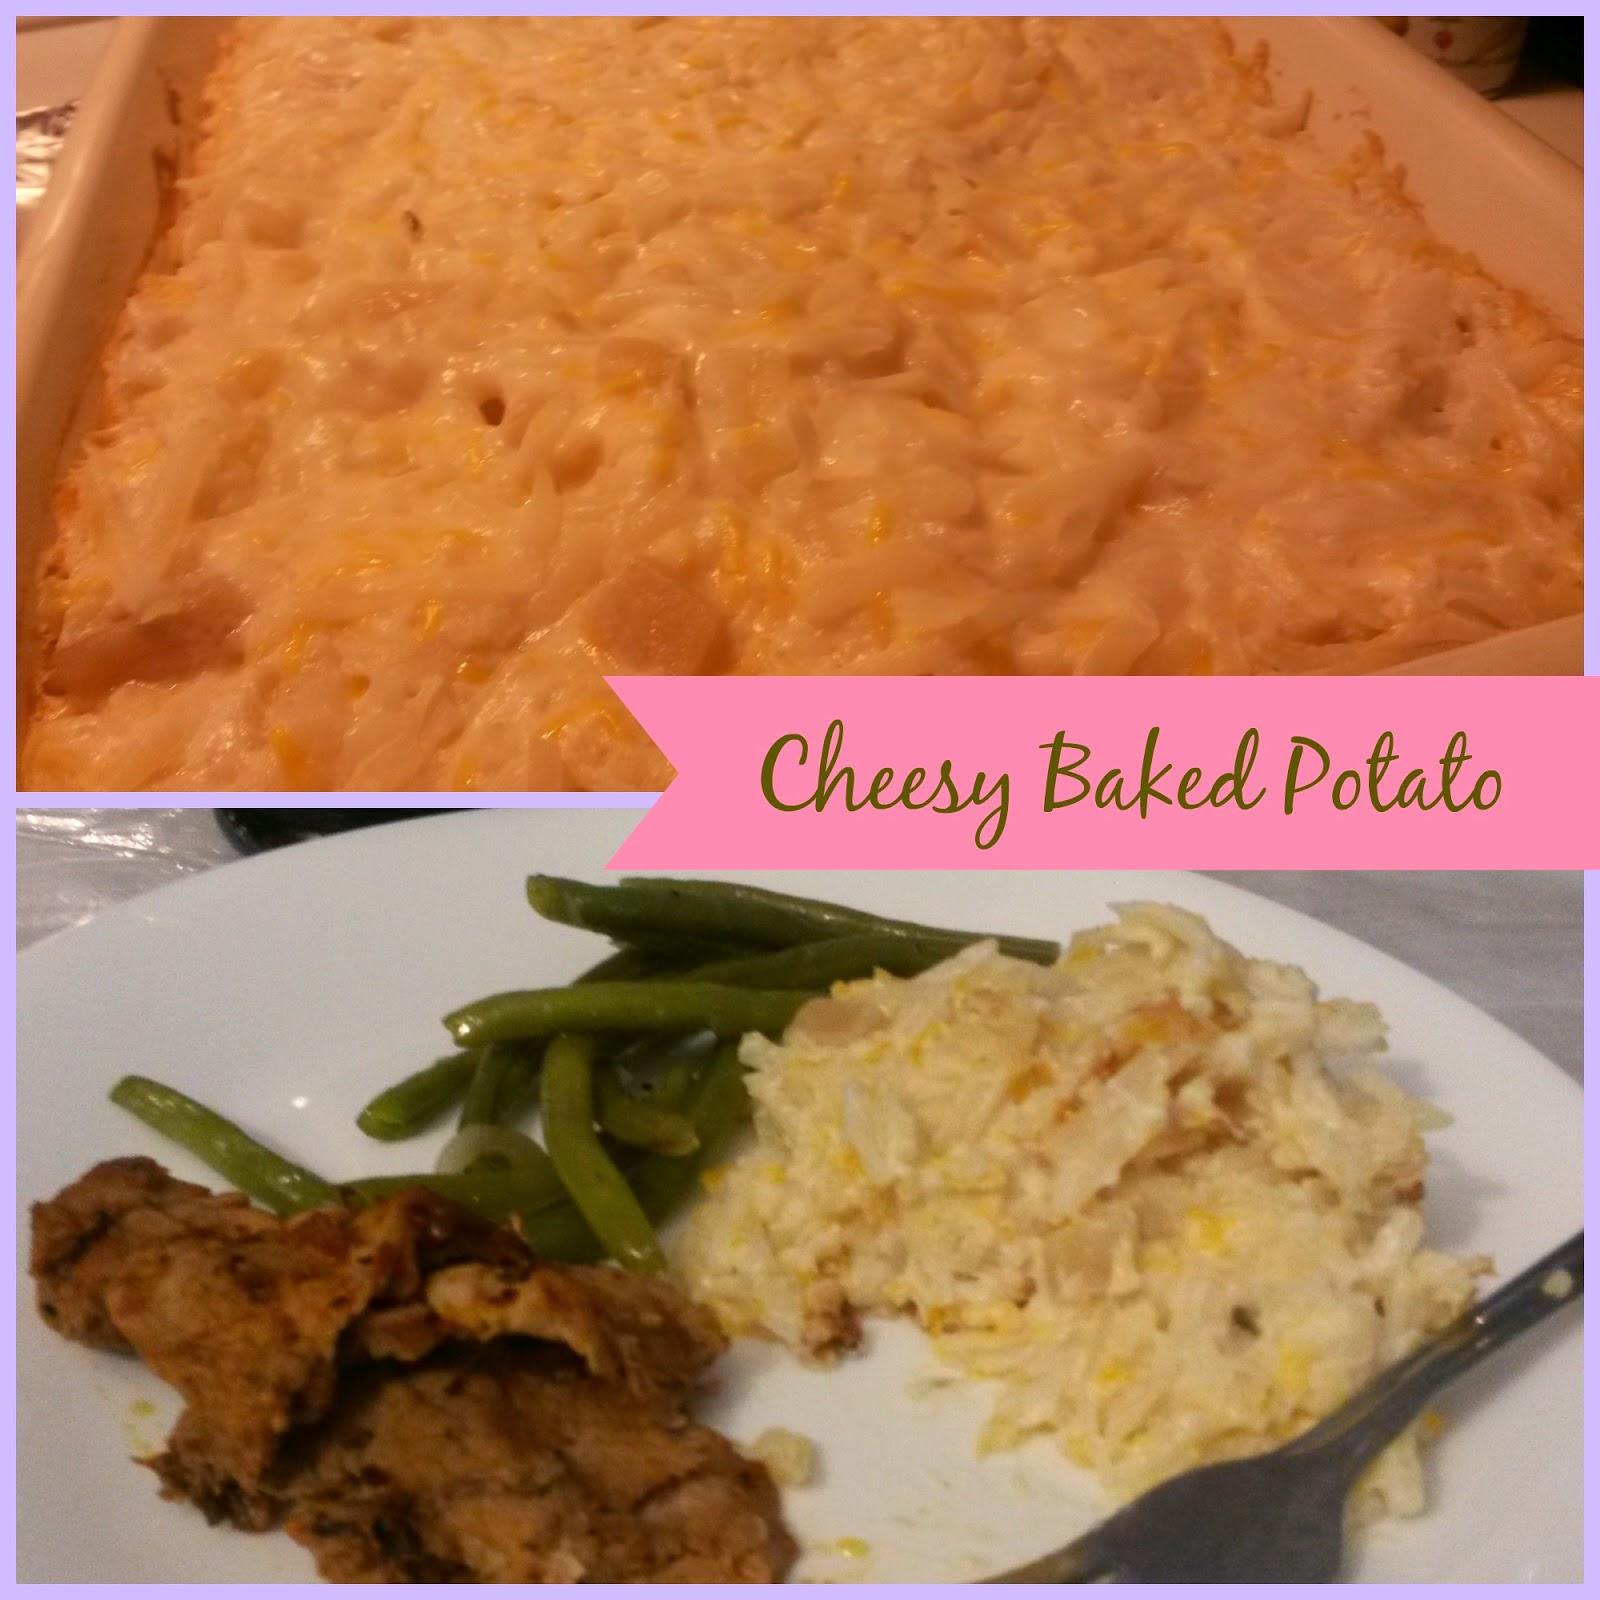 Cheesy Potato Bake Recipe: The Sweet Cuisinera: Cheesy Baked Potato Recipe